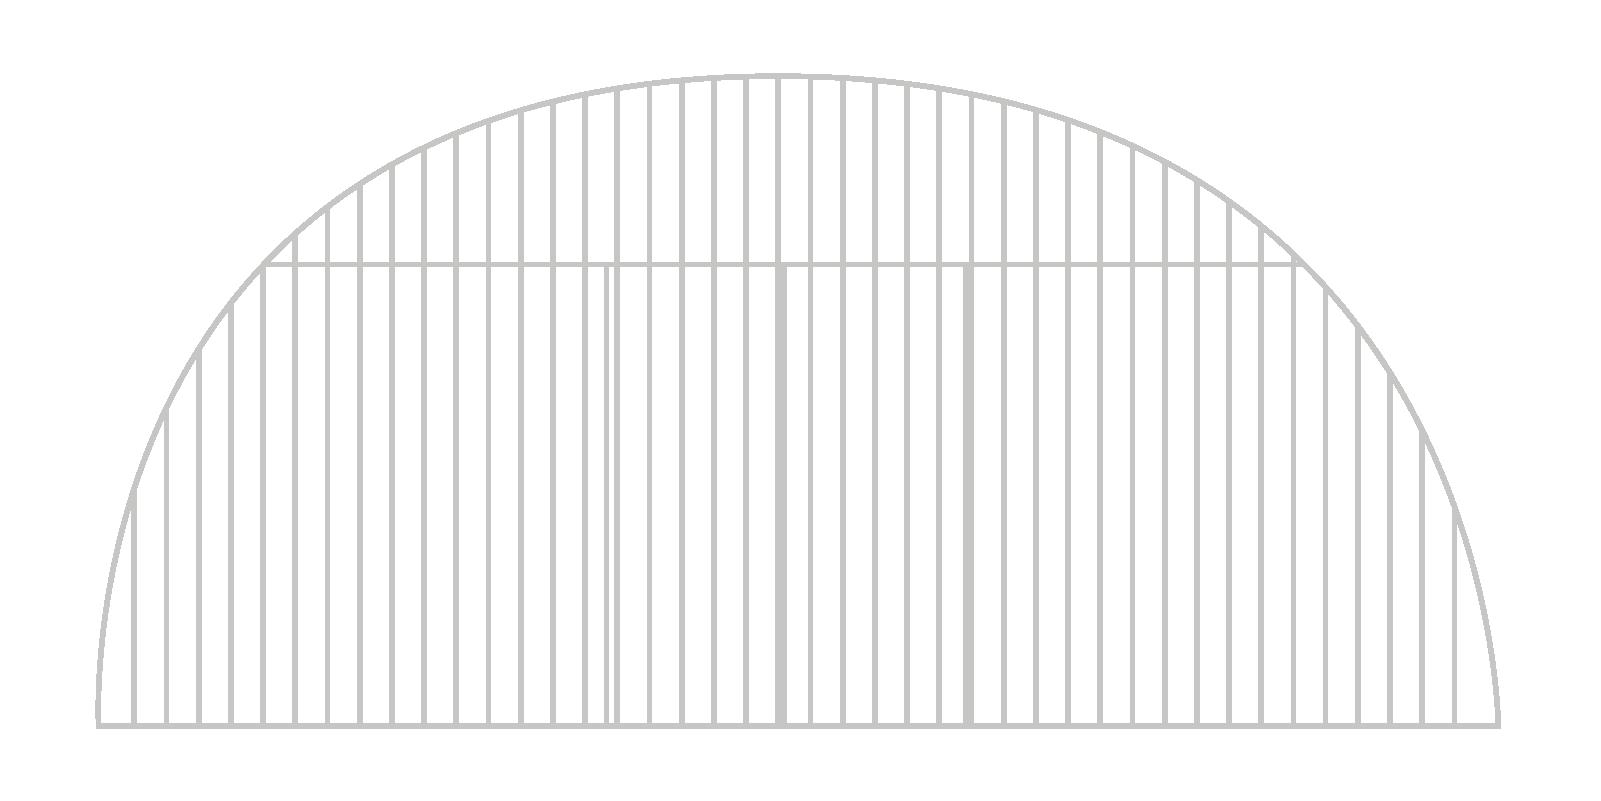 tunnelpiantonicurvi-lineart